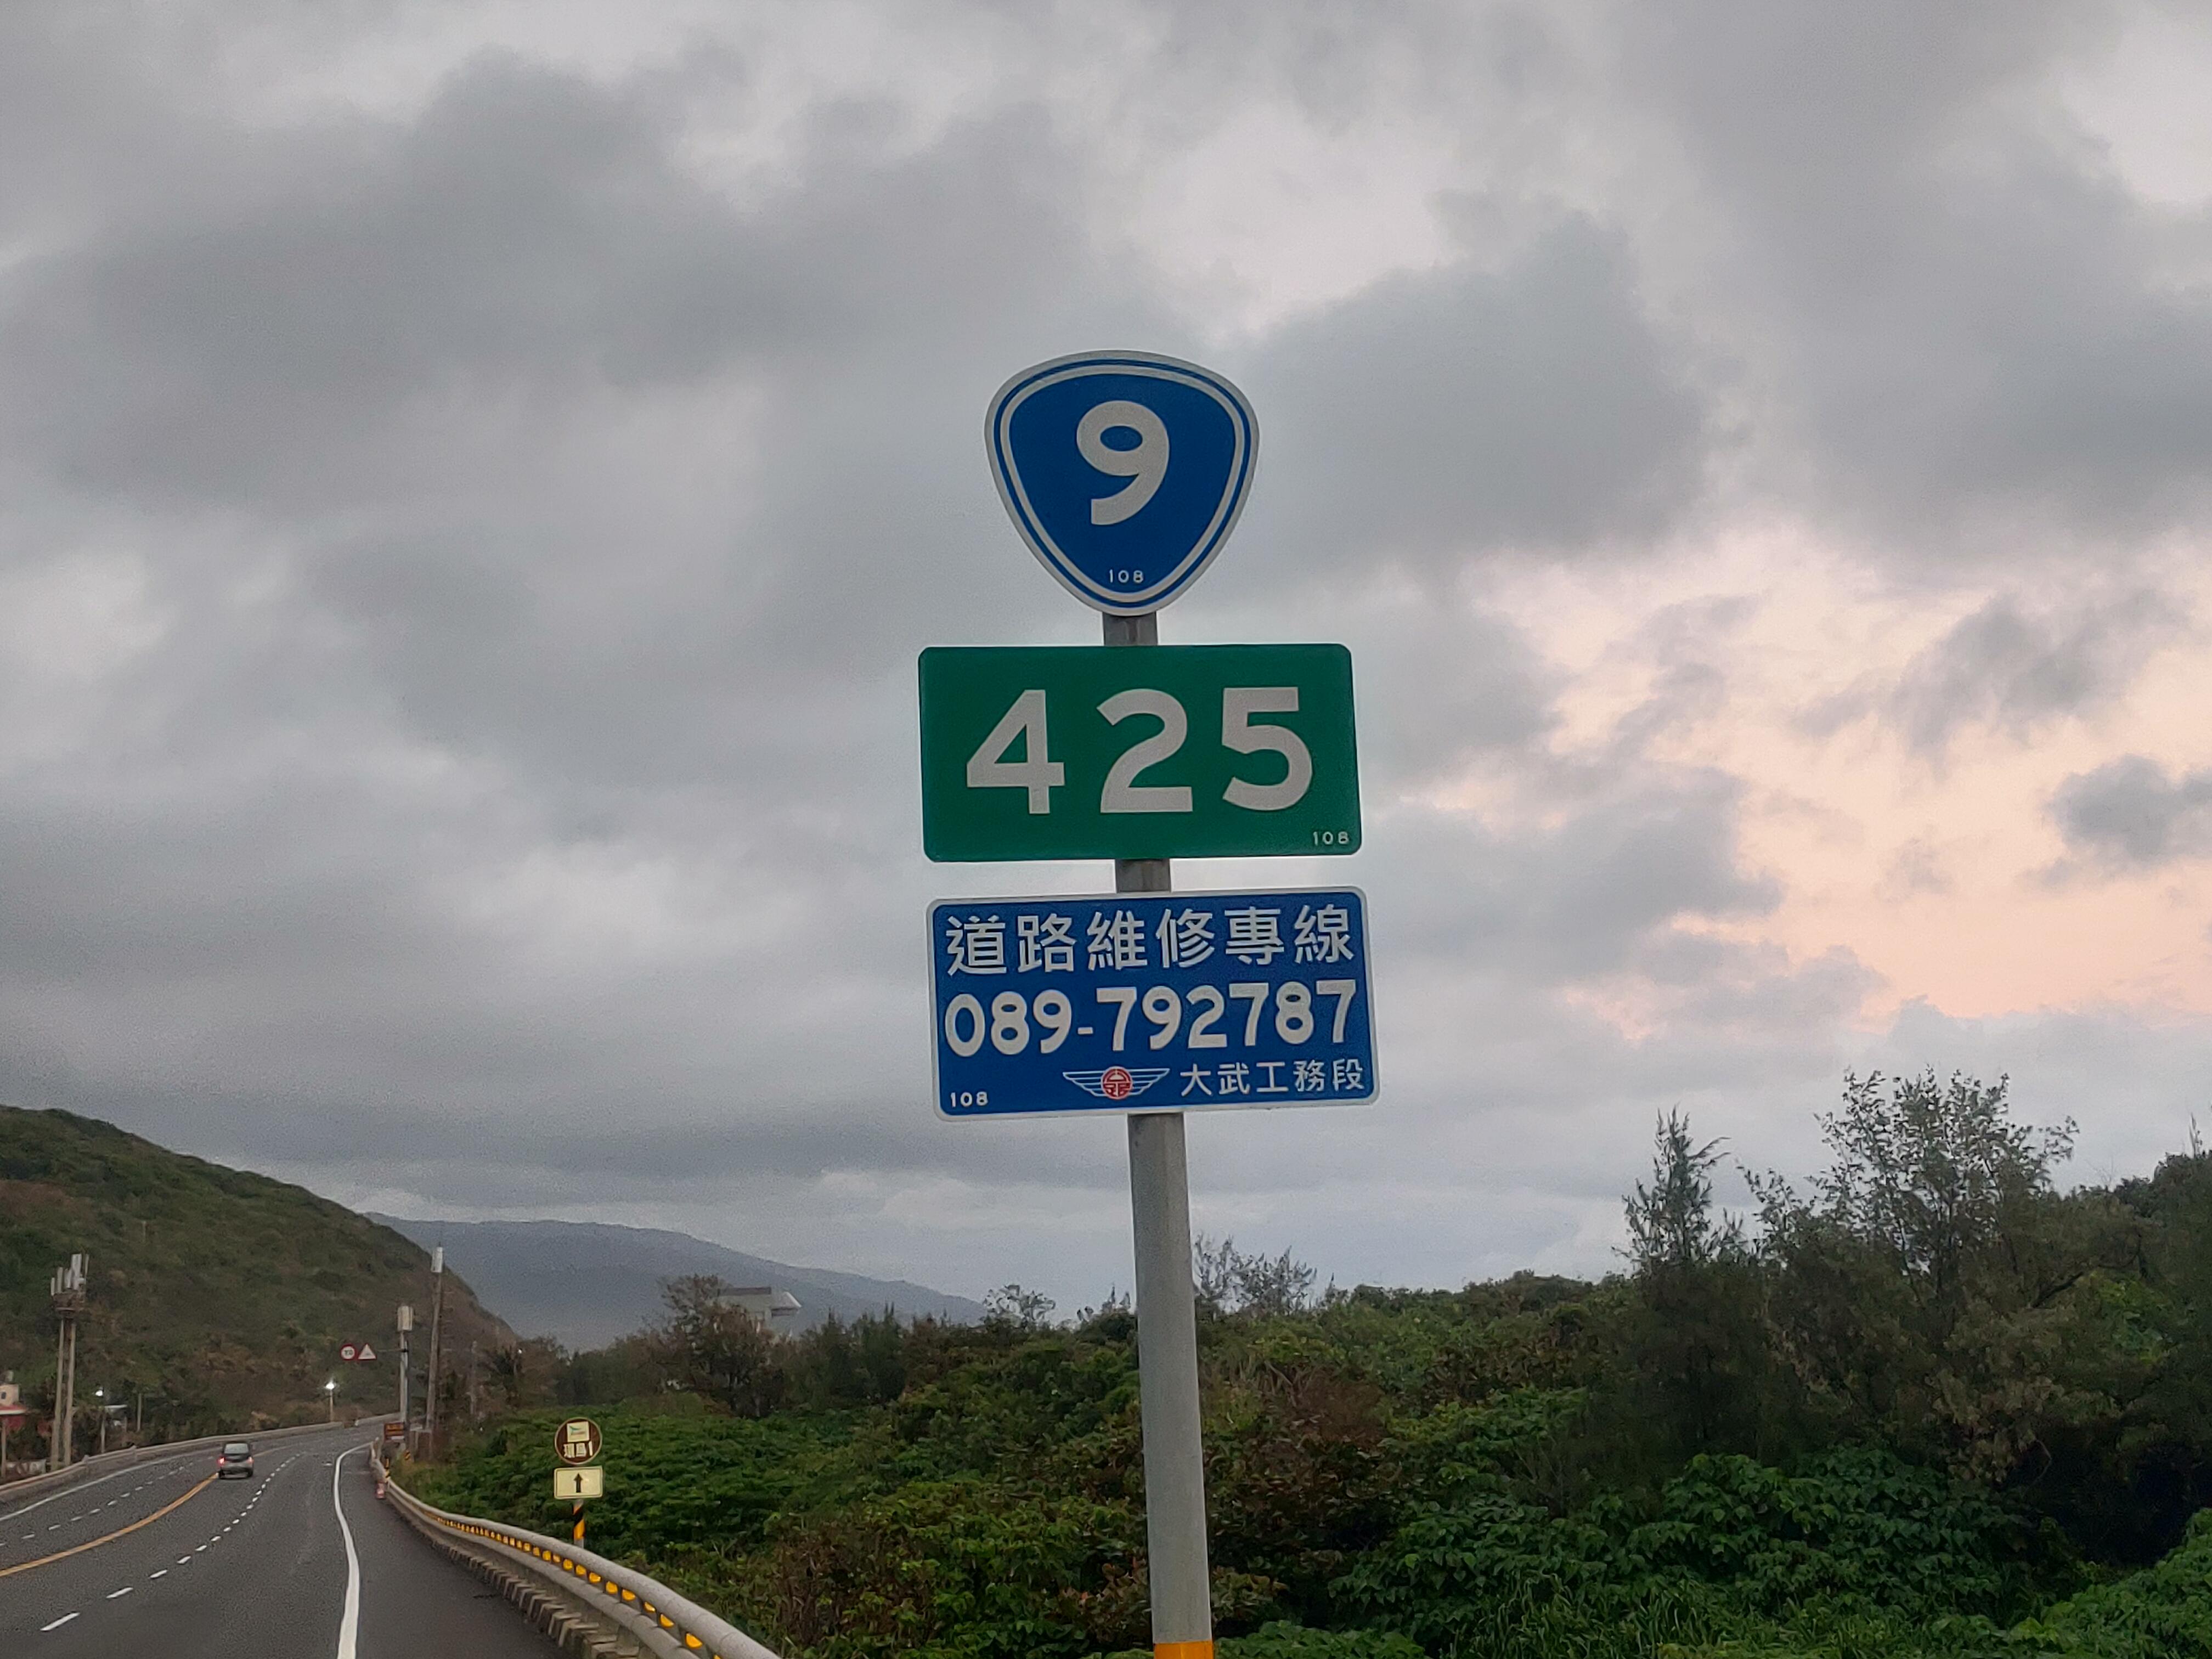 5th 走!去騎摩托車吧!六天五夜山海奇行環島之旅3323